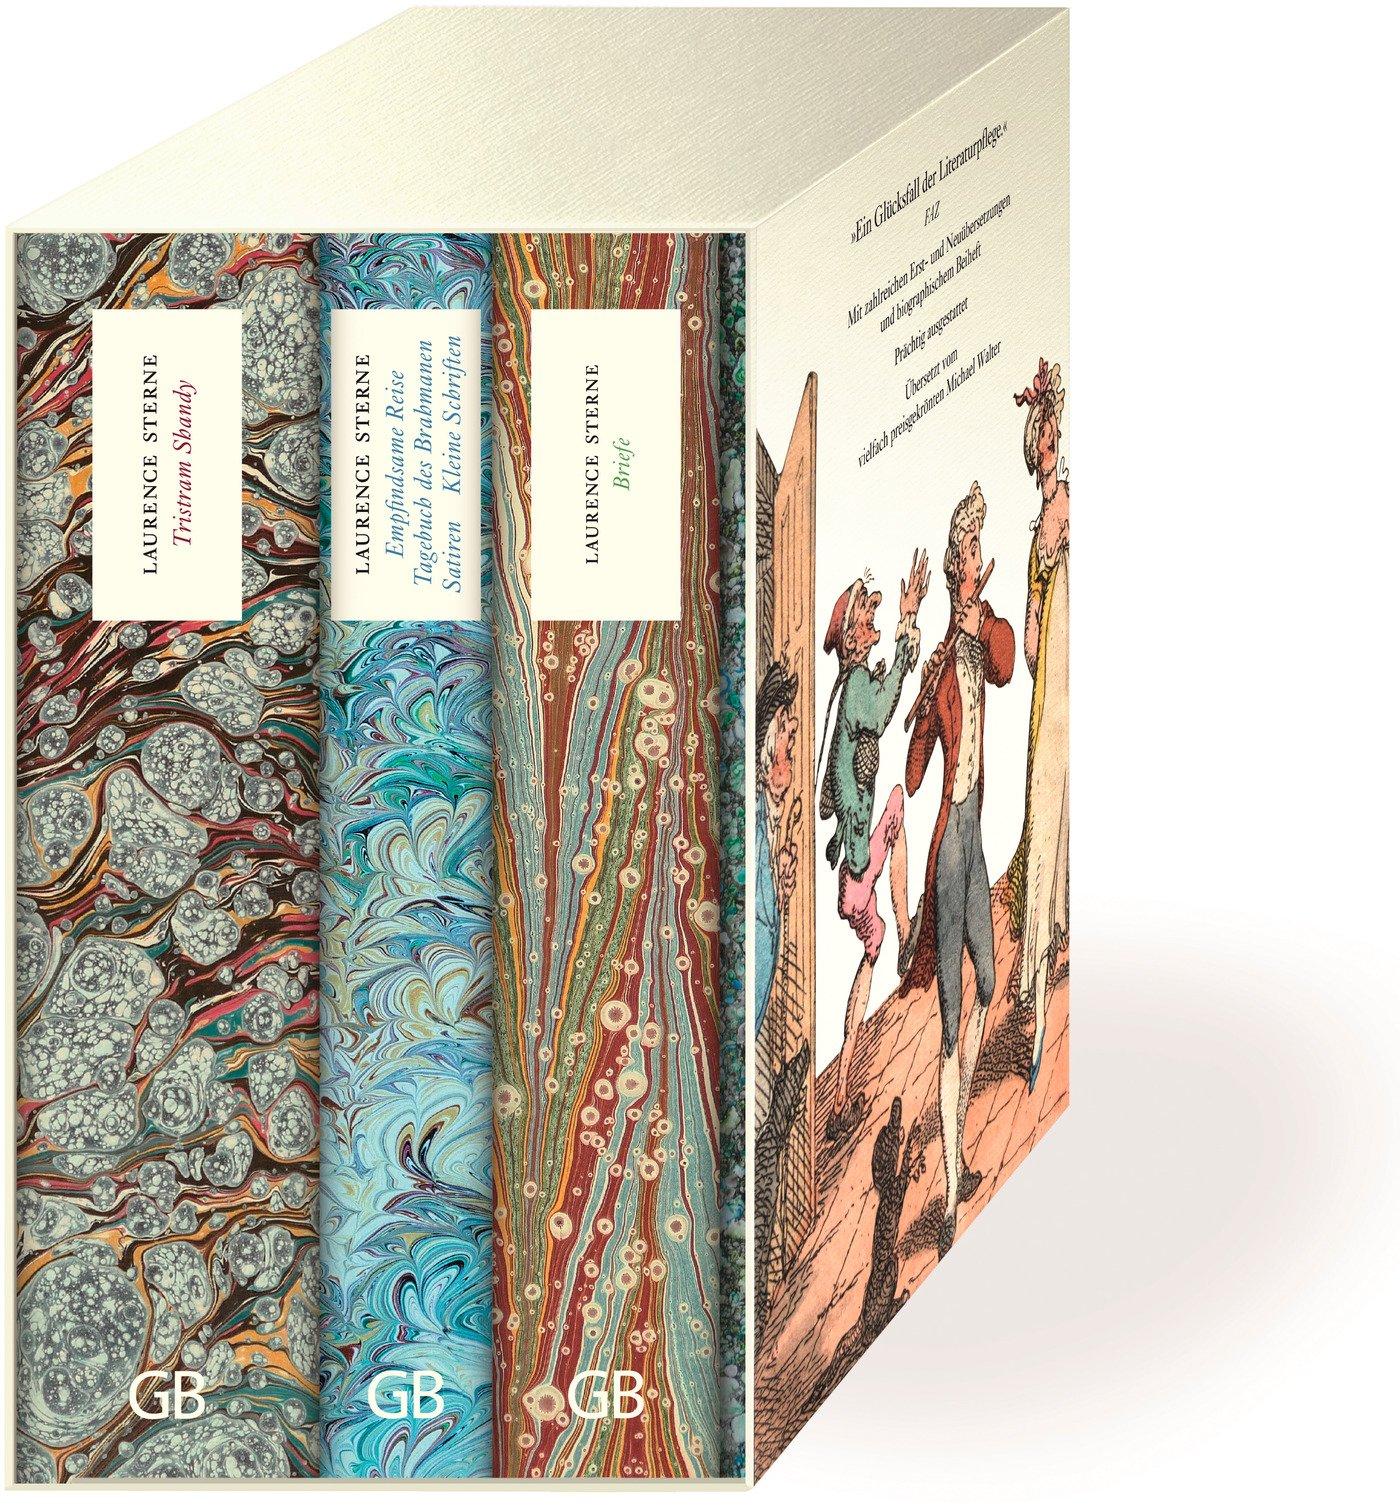 Werkausgabe: Tristram Shandy - Empfindsame Reise, Tagebuch des Brahmanen, Satiren, kleine Schriften - Briefe